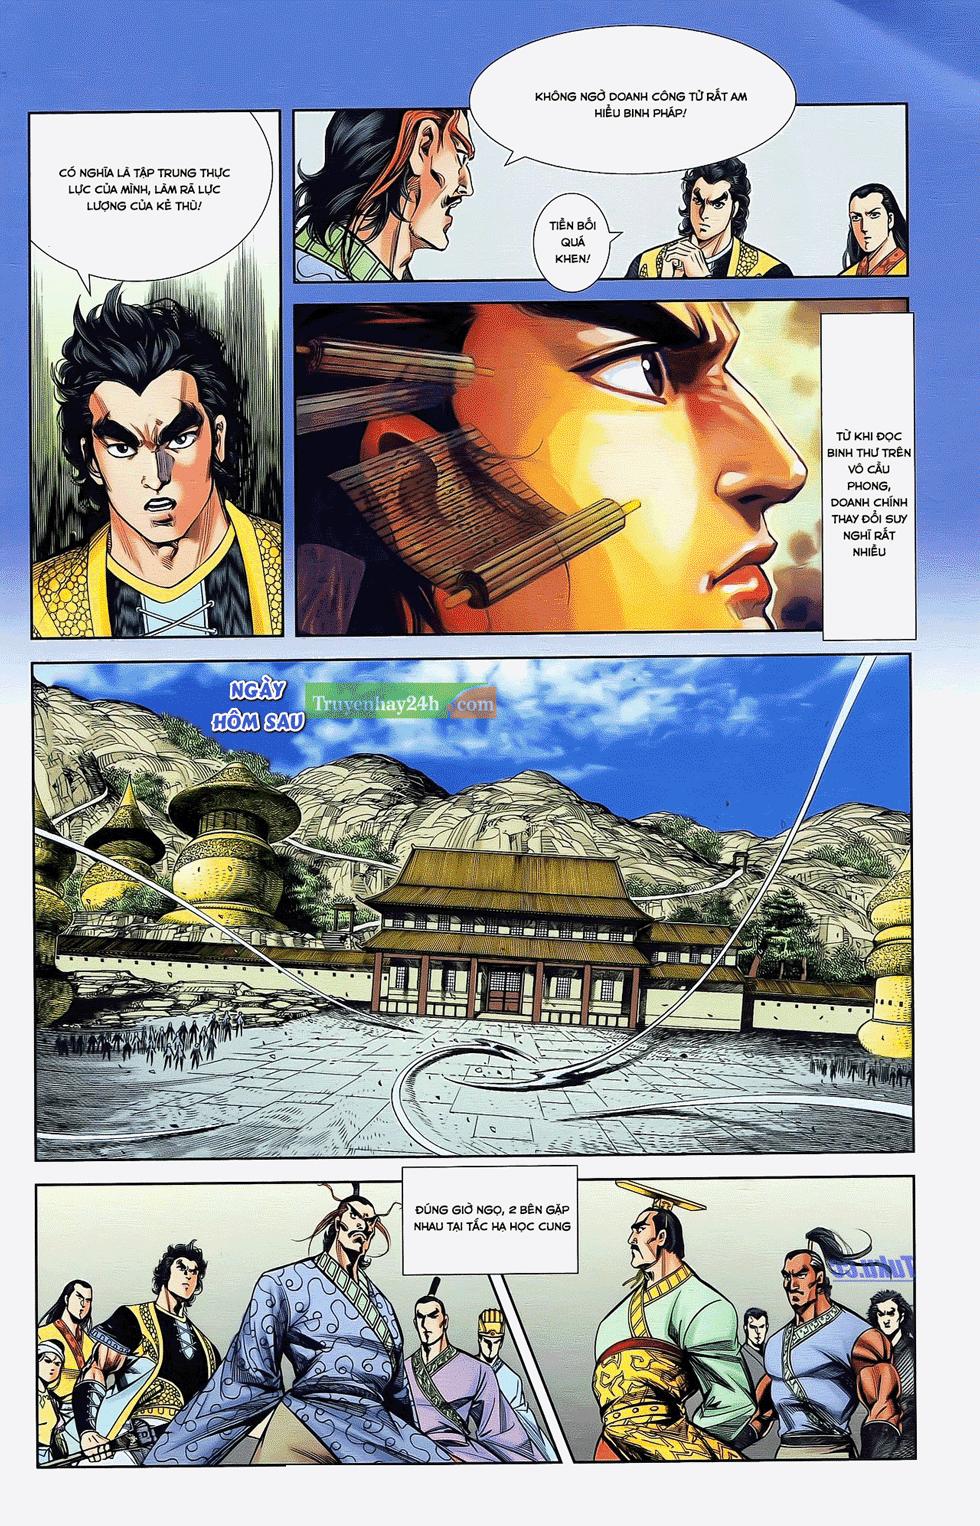 Tần Vương Doanh Chính chapter 22 trang 6